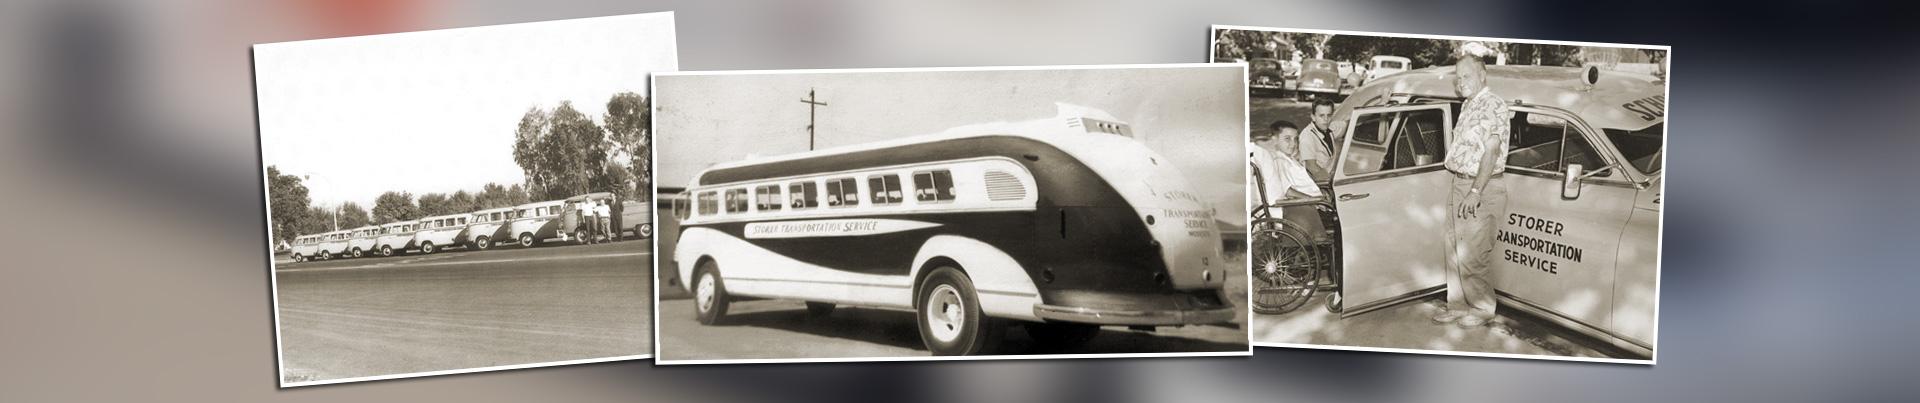 bus_history_header